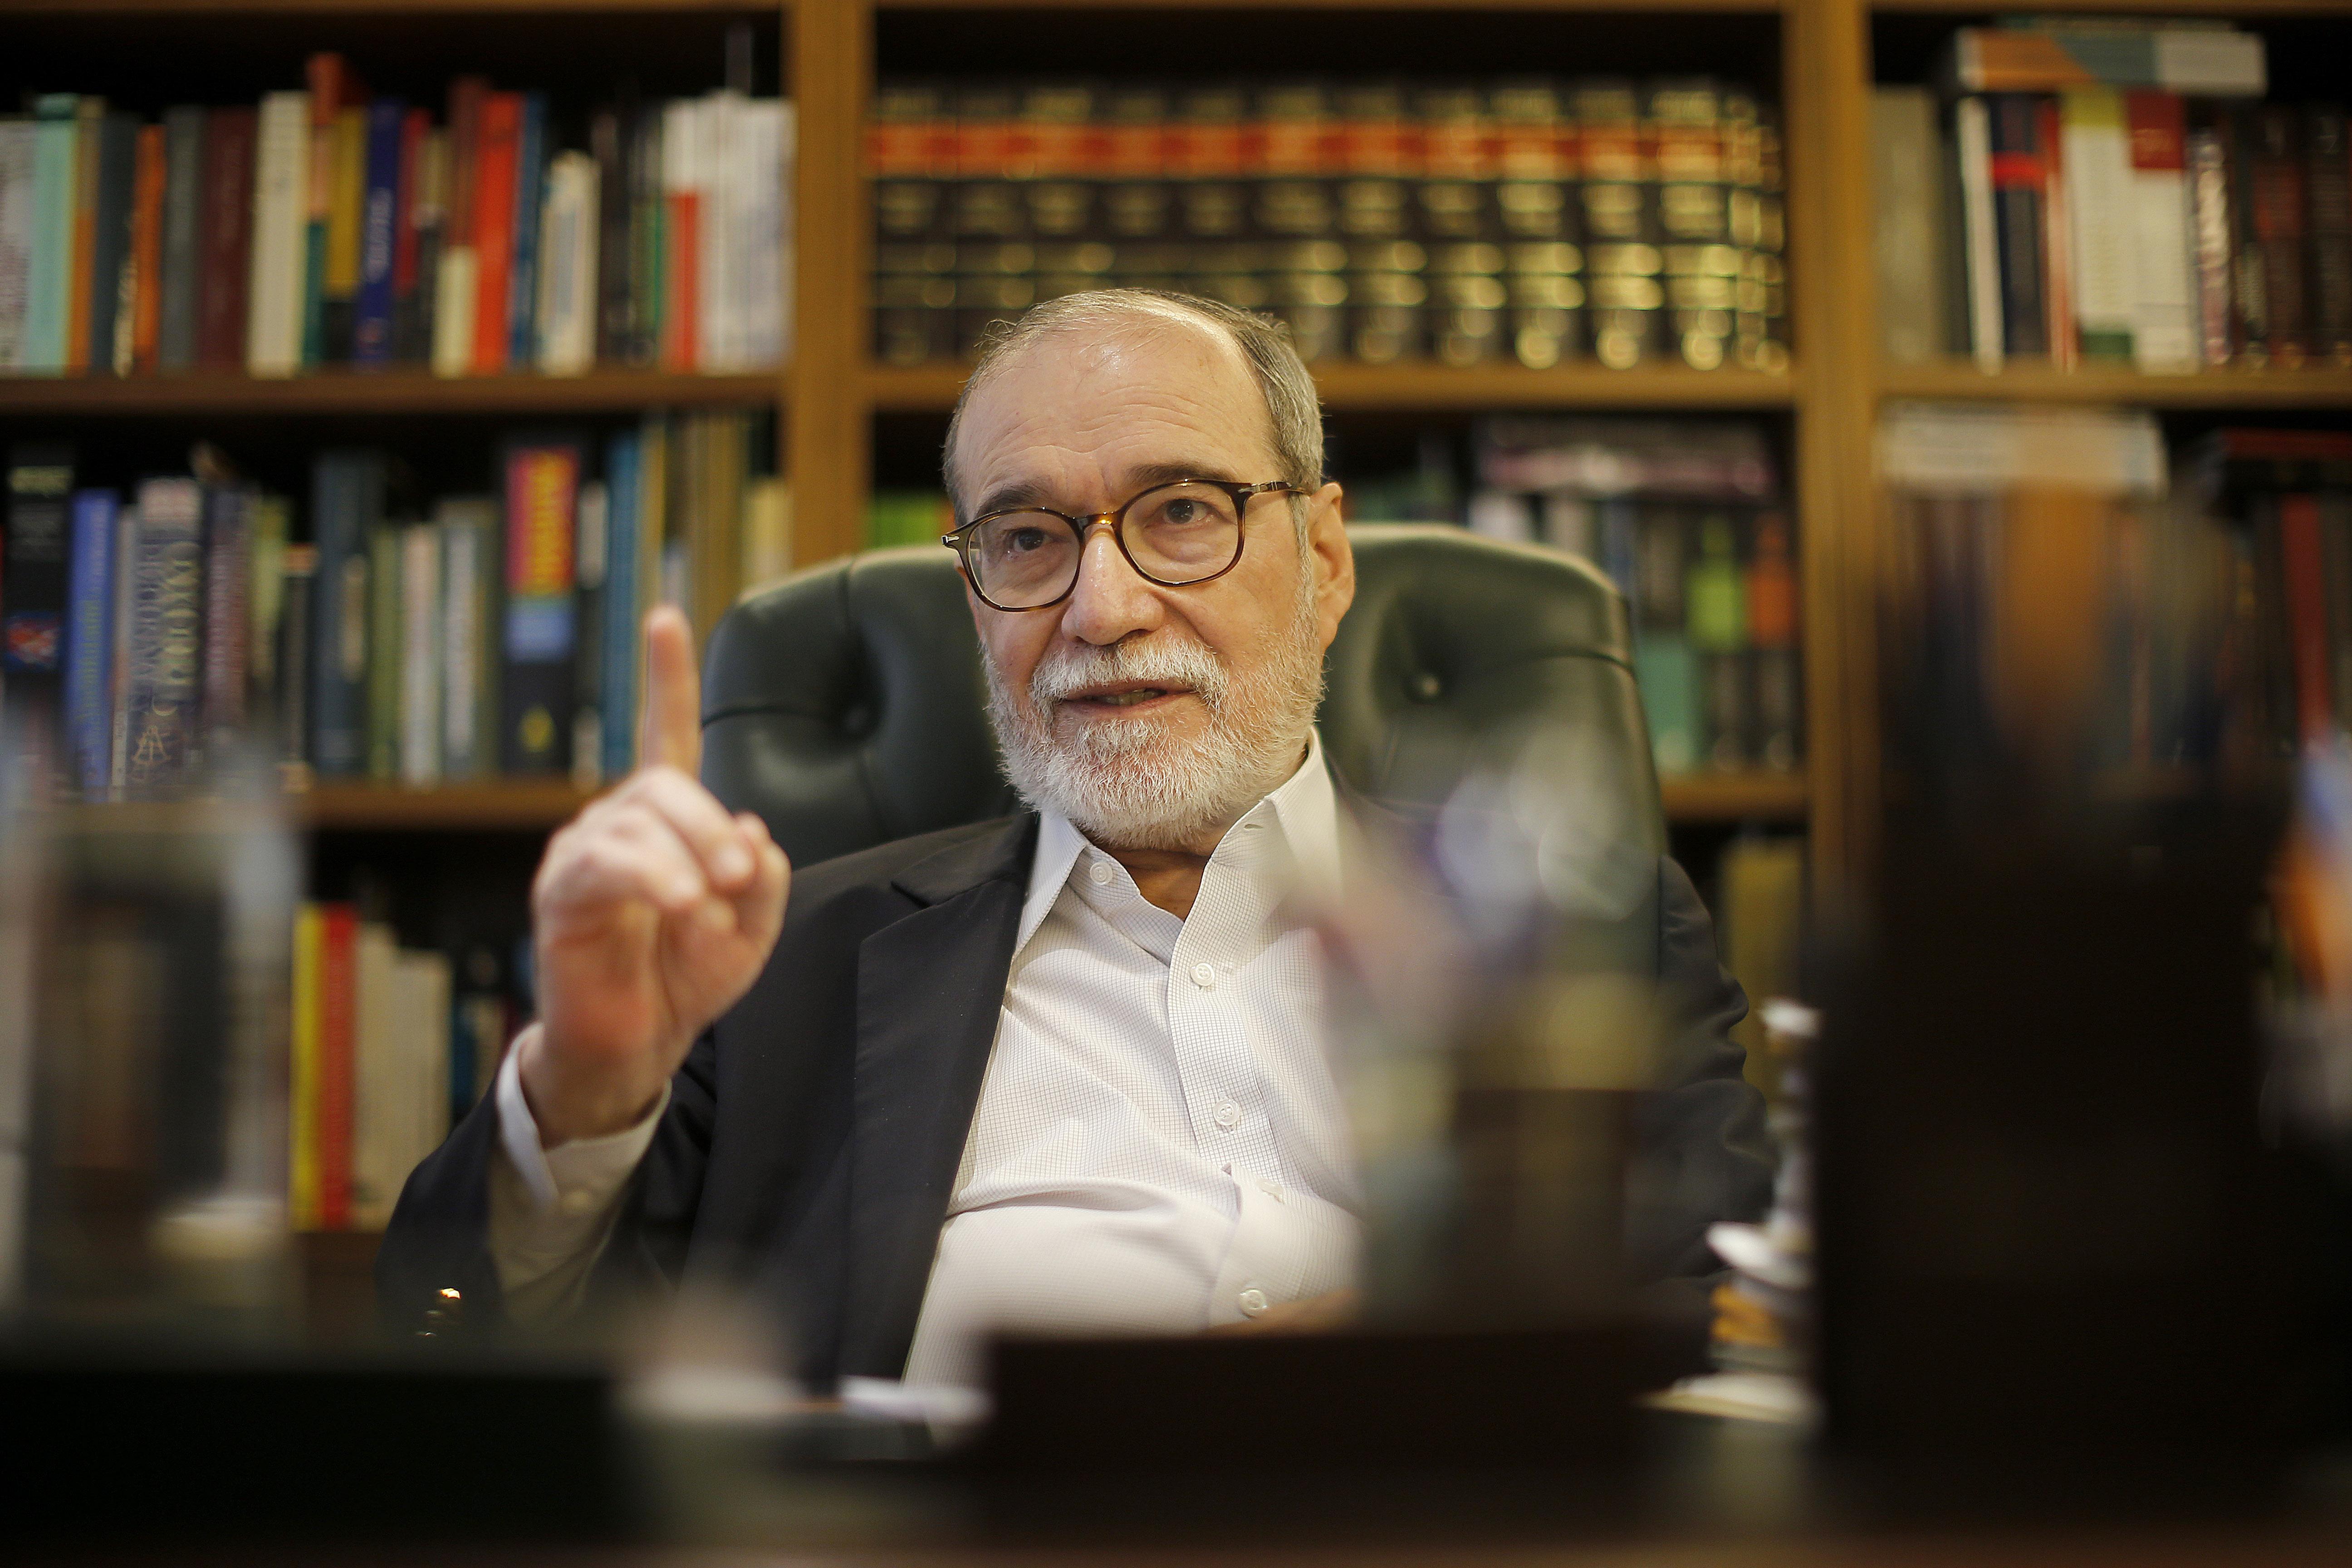 IMAGEM: Maciel diz que vedou acesso ilegal da Abin a dados da Receita